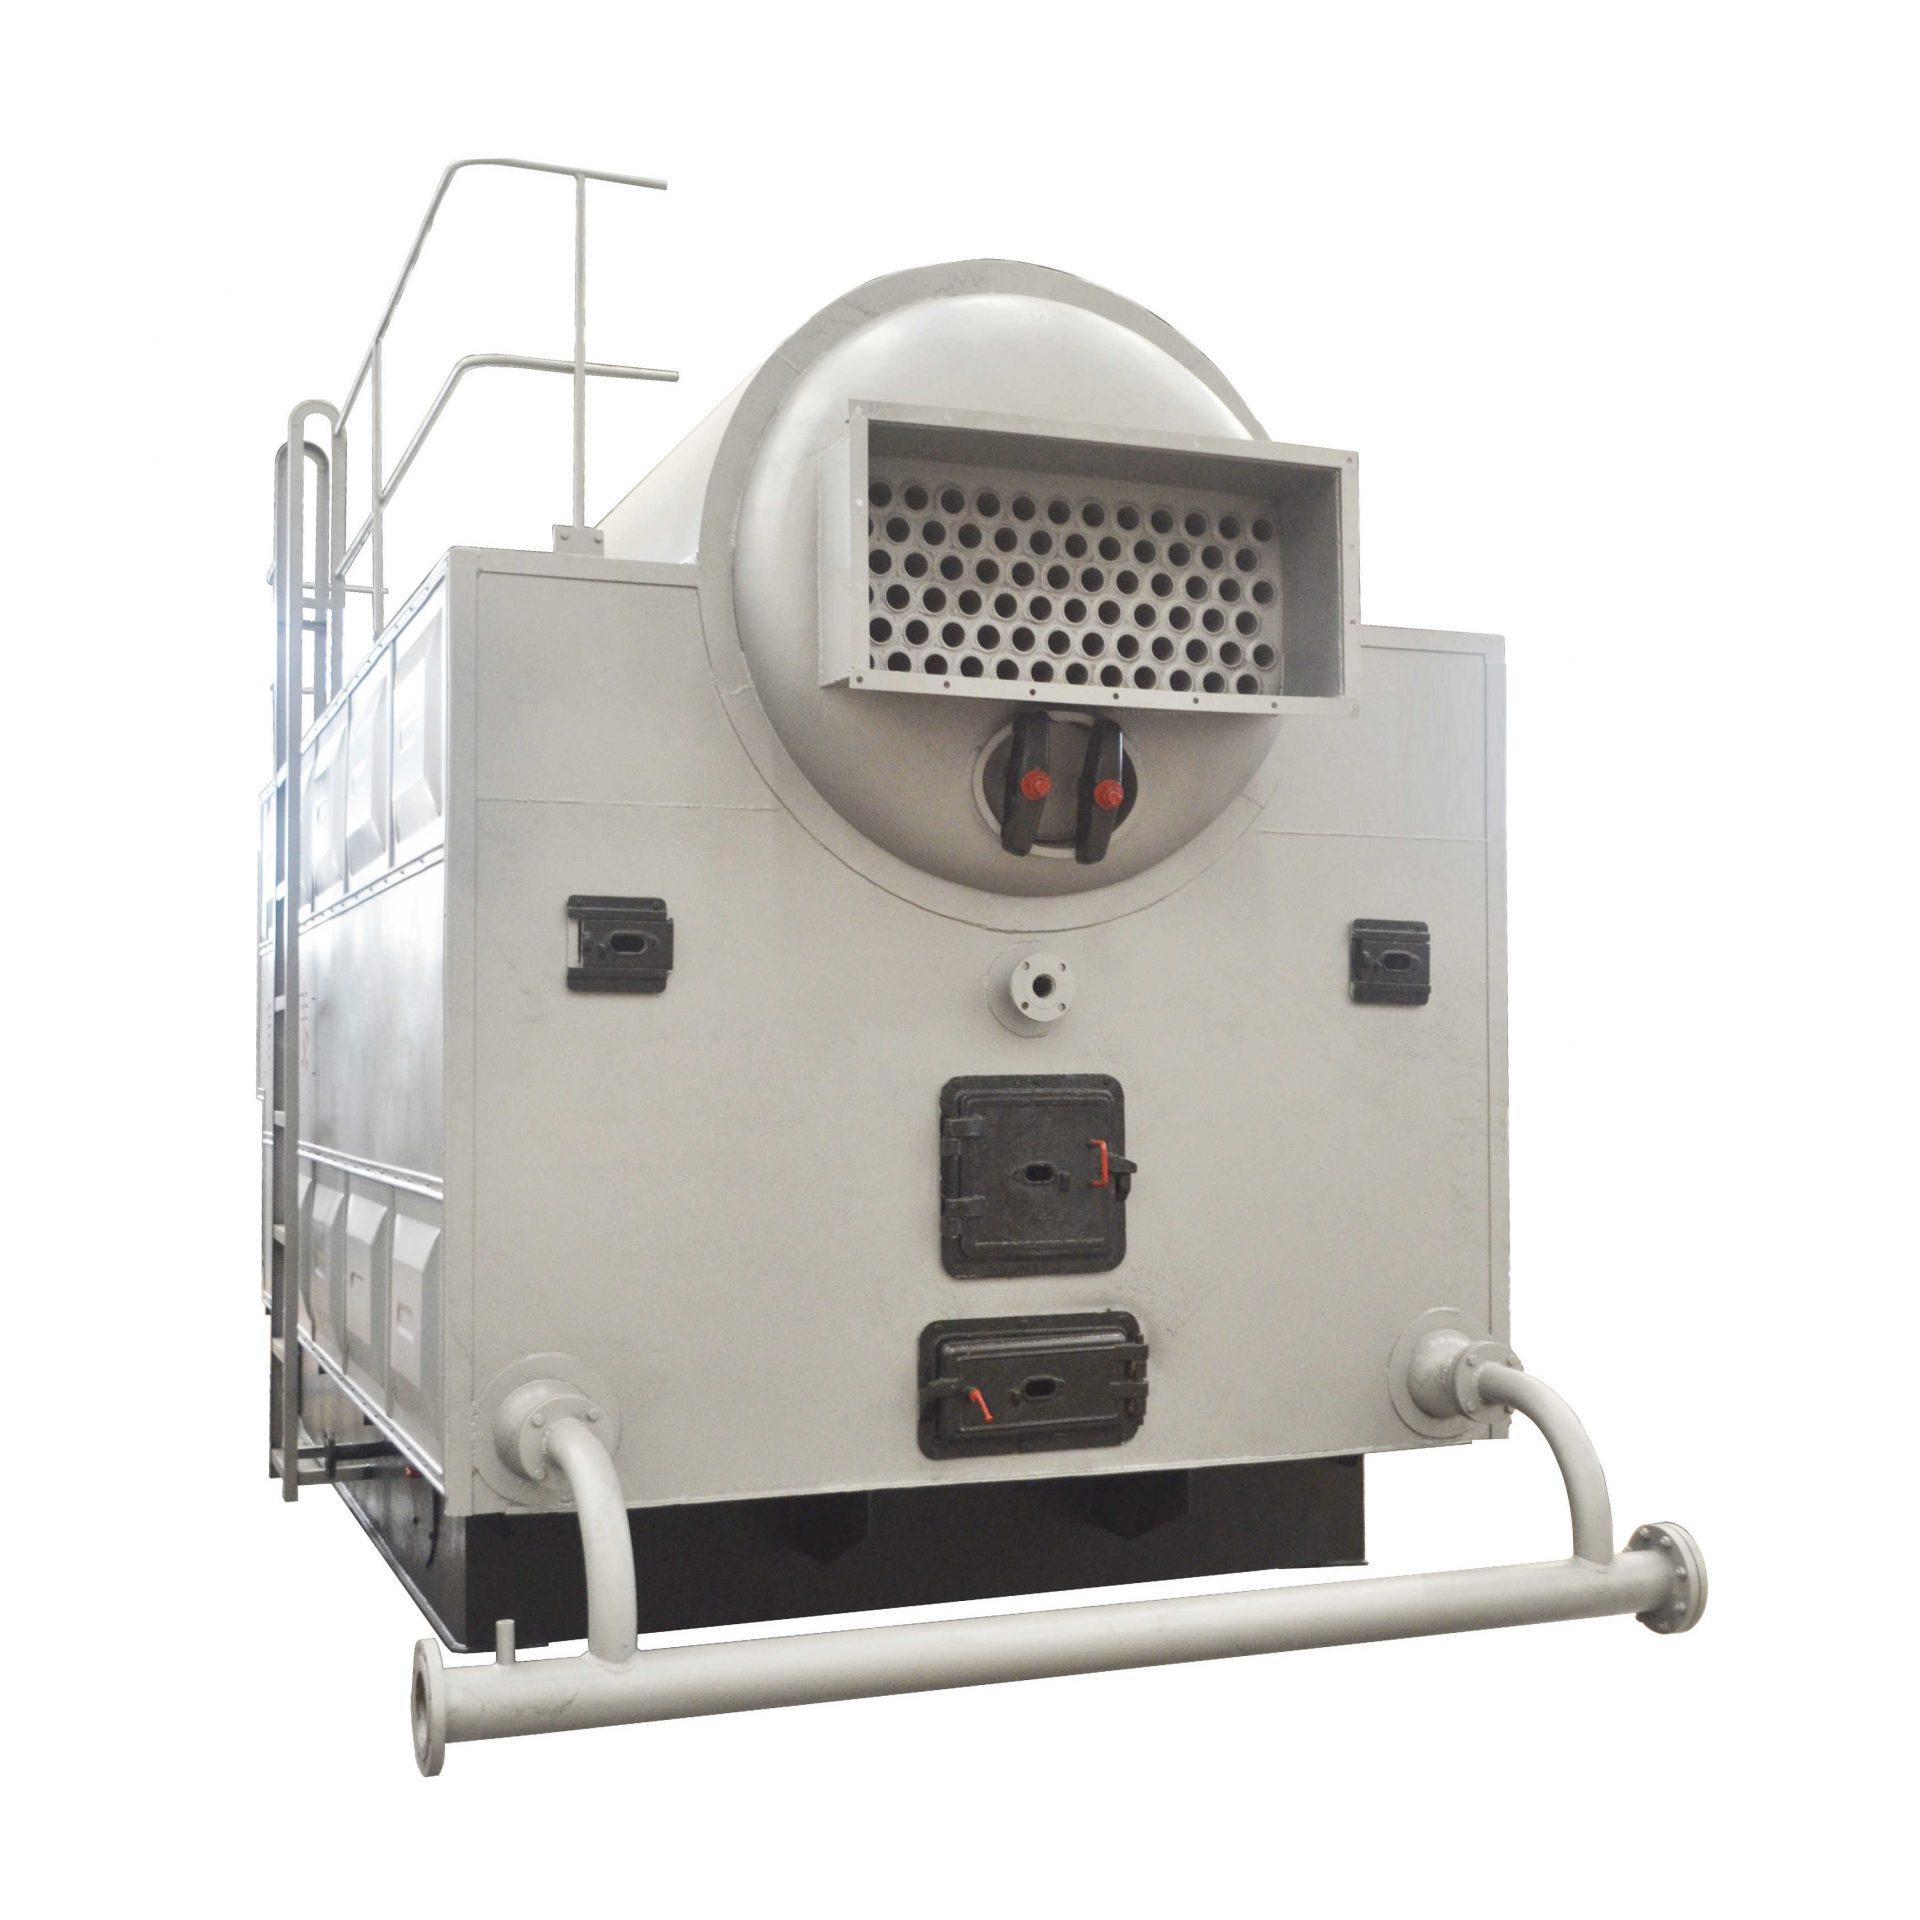 CCW-Biomass-Fired-Boiler-1